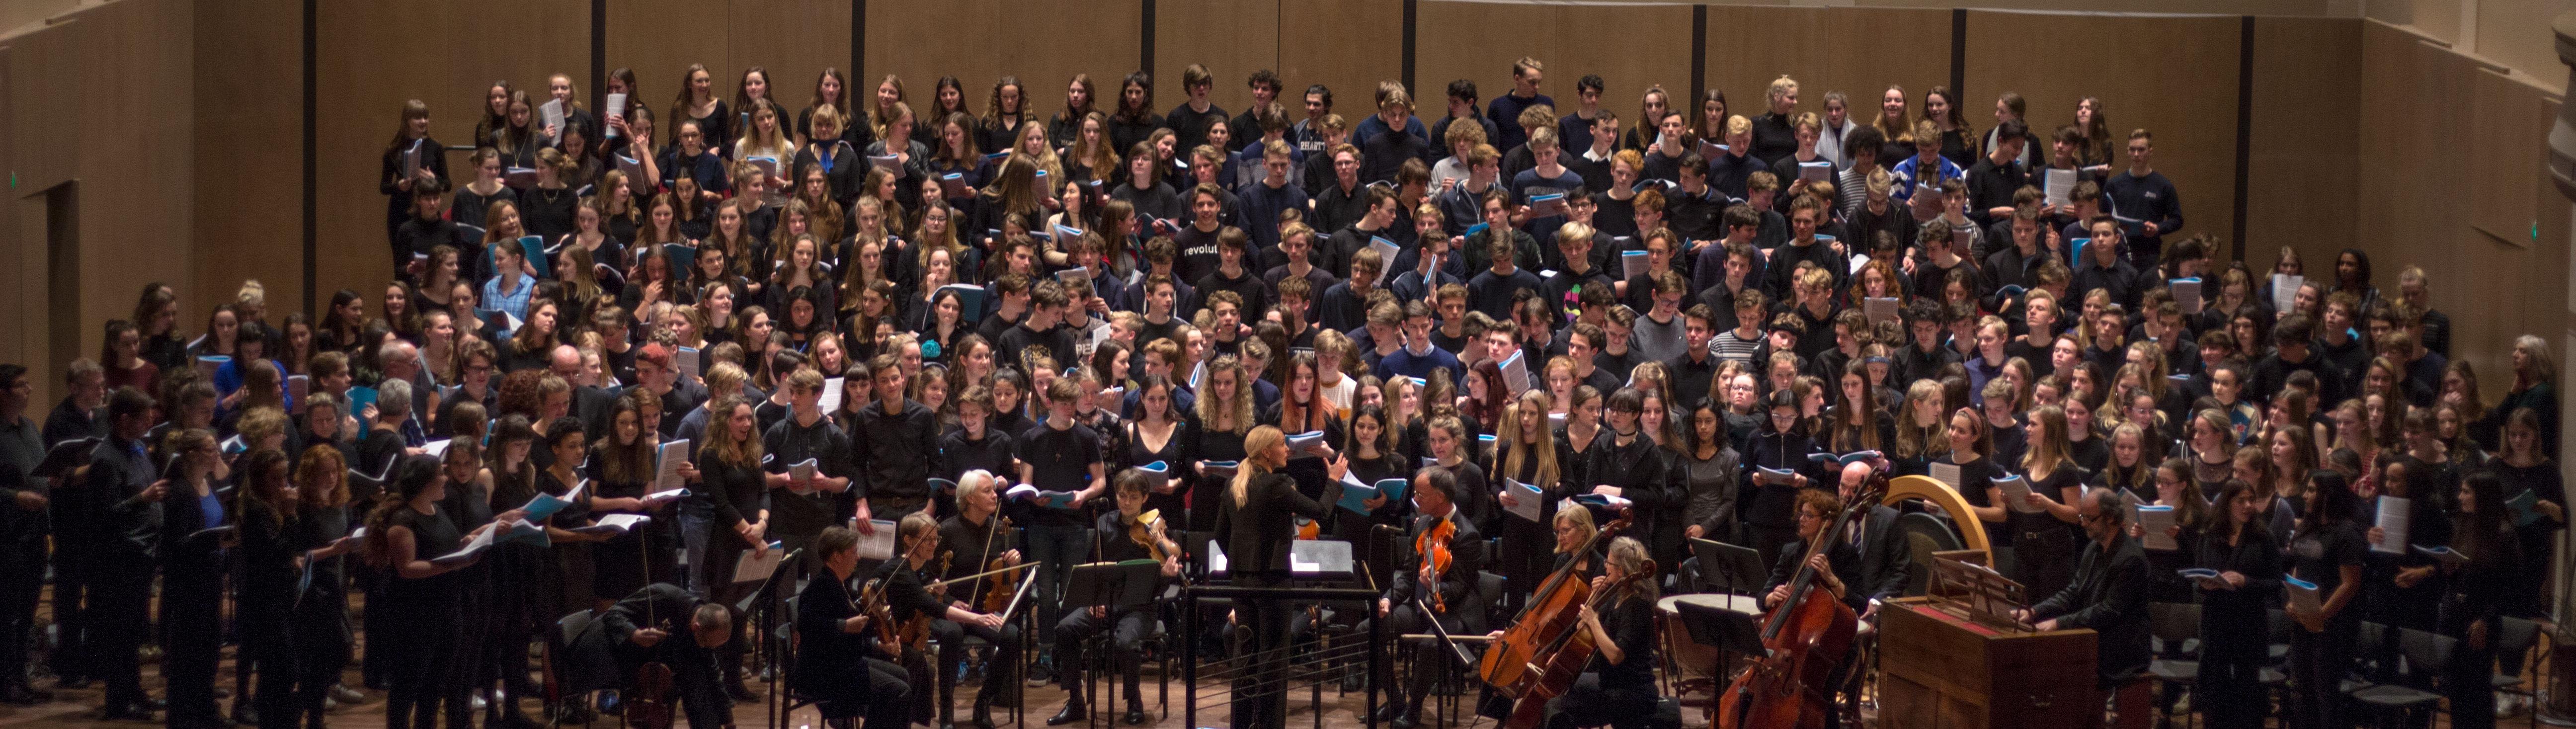 Het jaarlijkse schoolconcert in concertgebouw De Vereeniging.